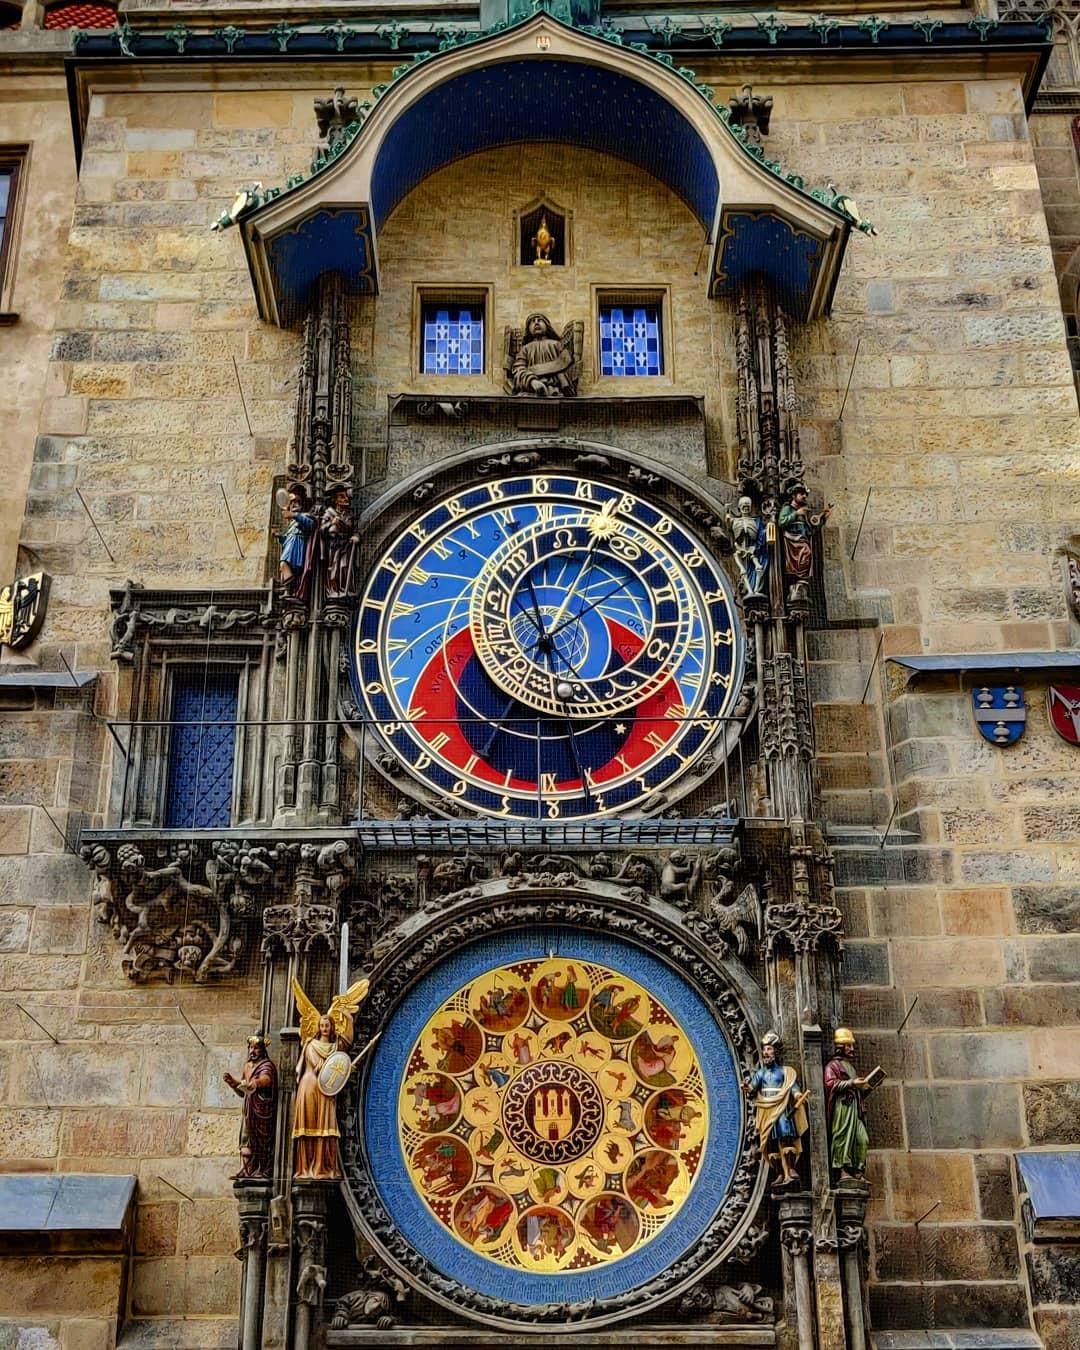 Đồng hồ thiên văn, Prague, Cộng hòa Czech